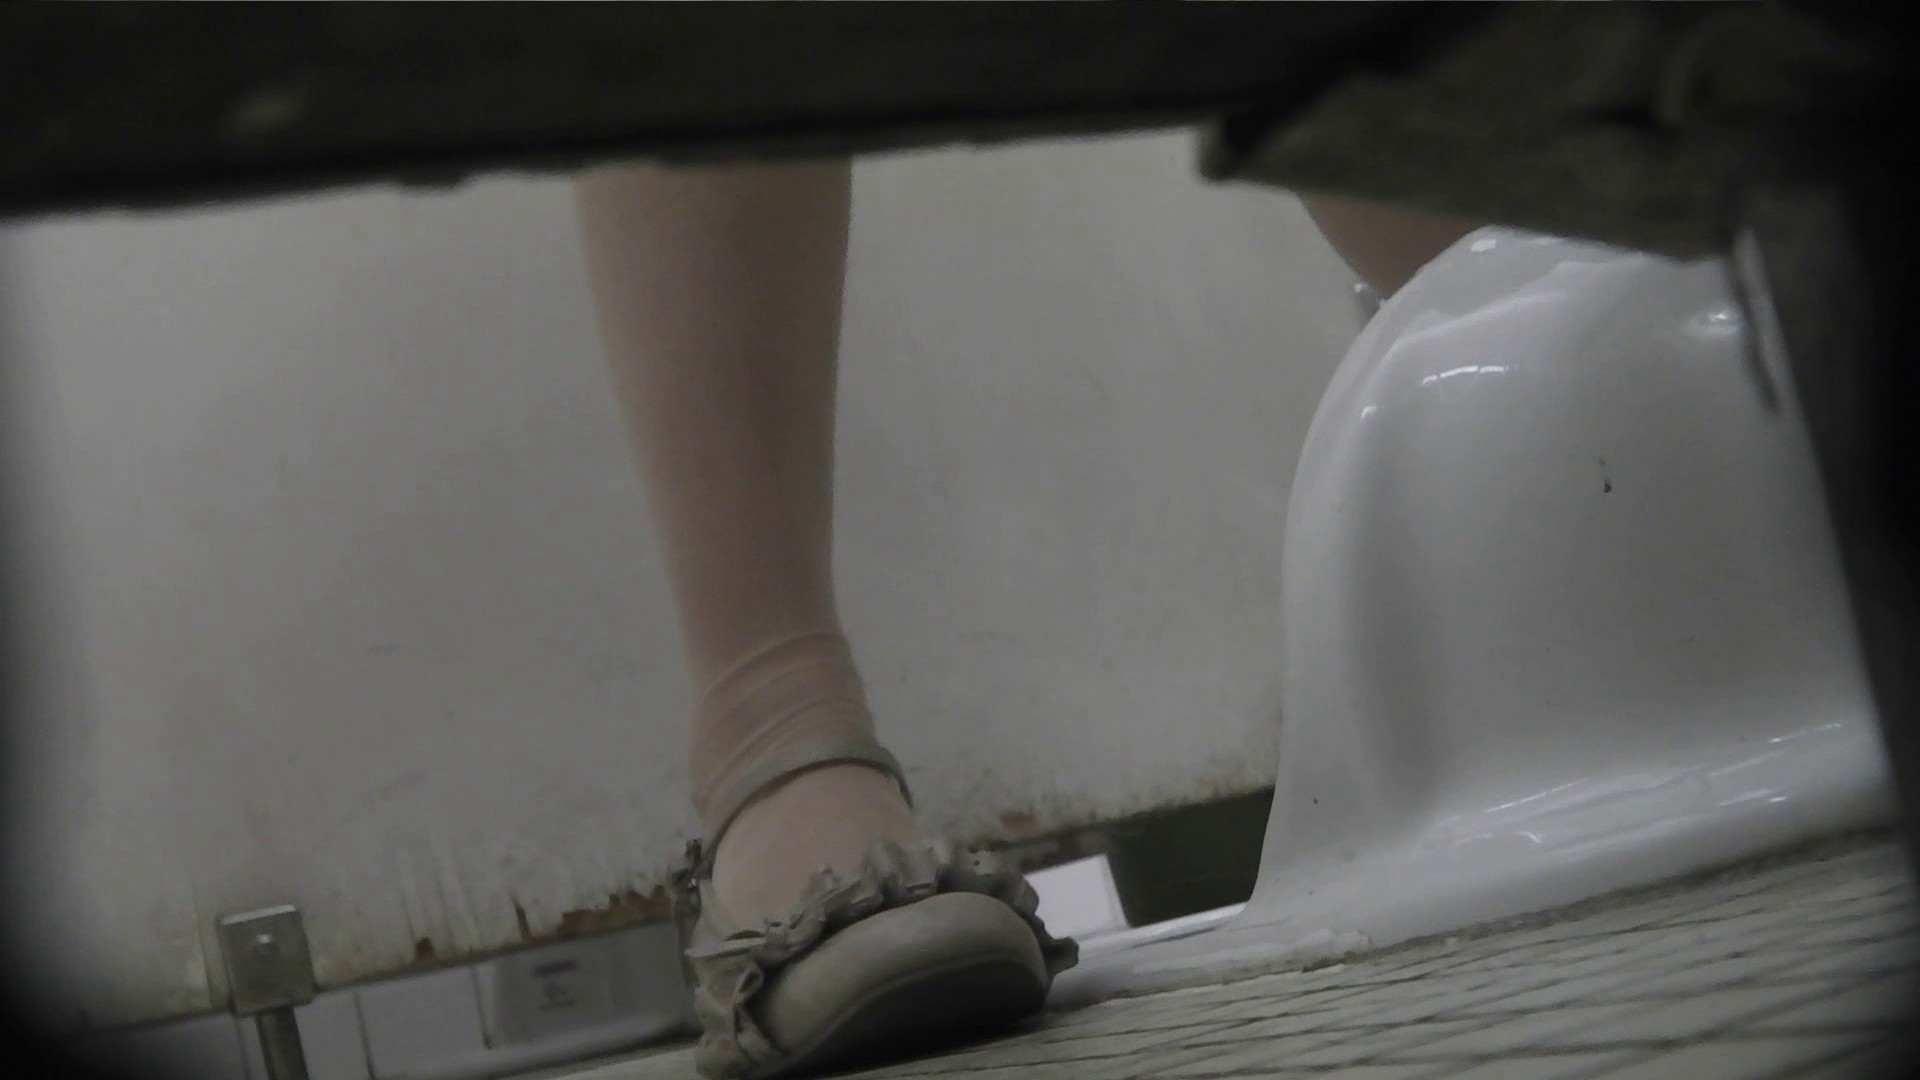 vol.62 命がけ潜伏洗面所! クパ~しながら放水してみた 高画質 アダルト動画キャプチャ 66画像 8